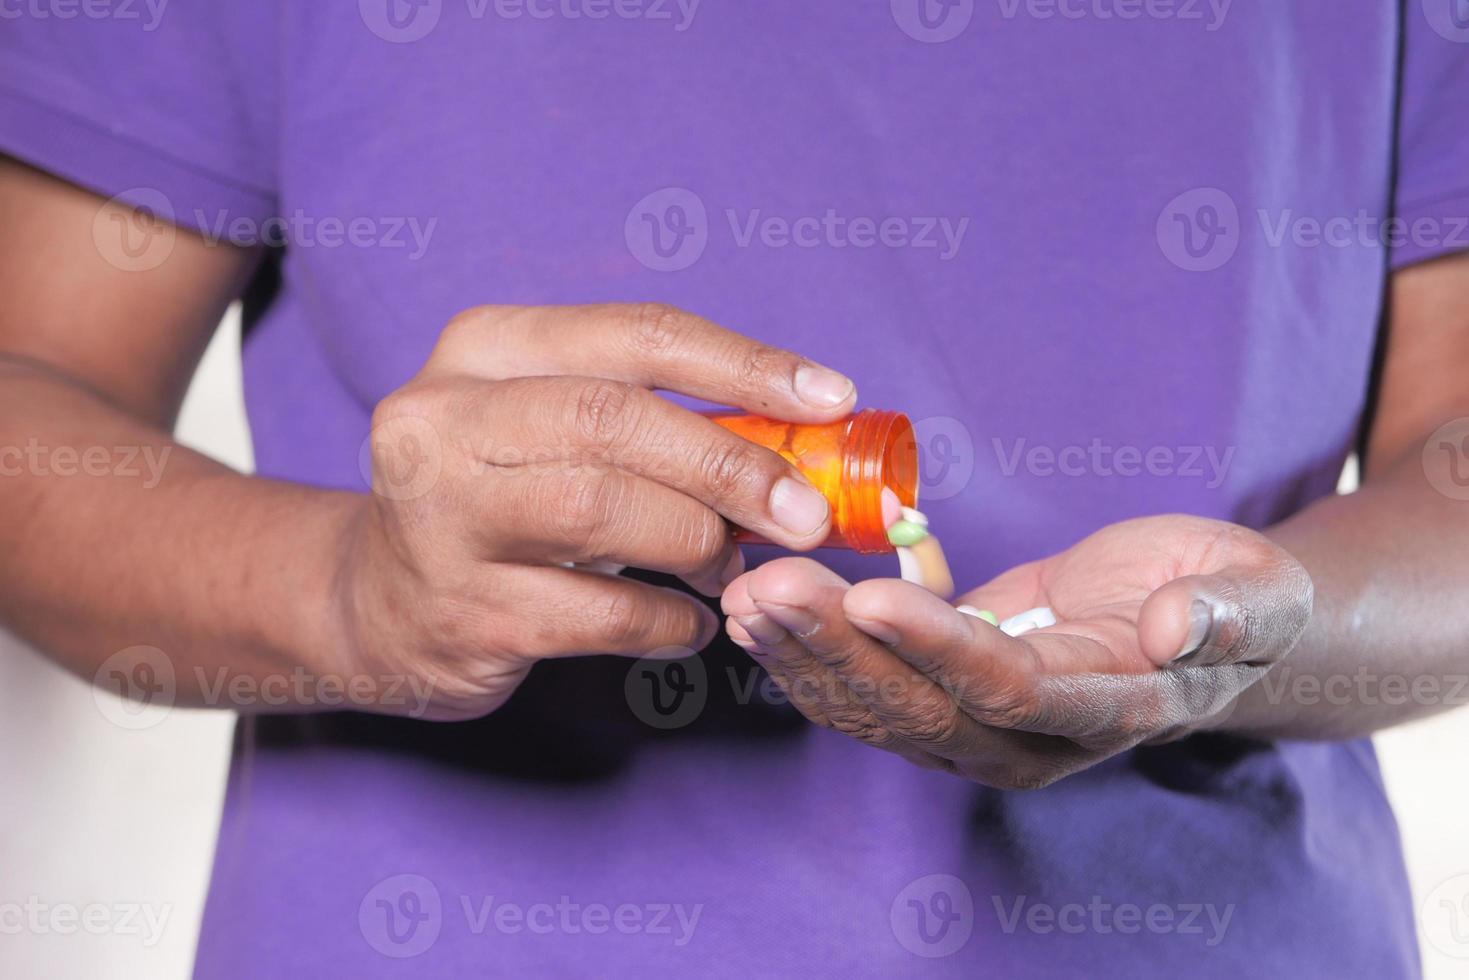 homem tomando comprimidos foto